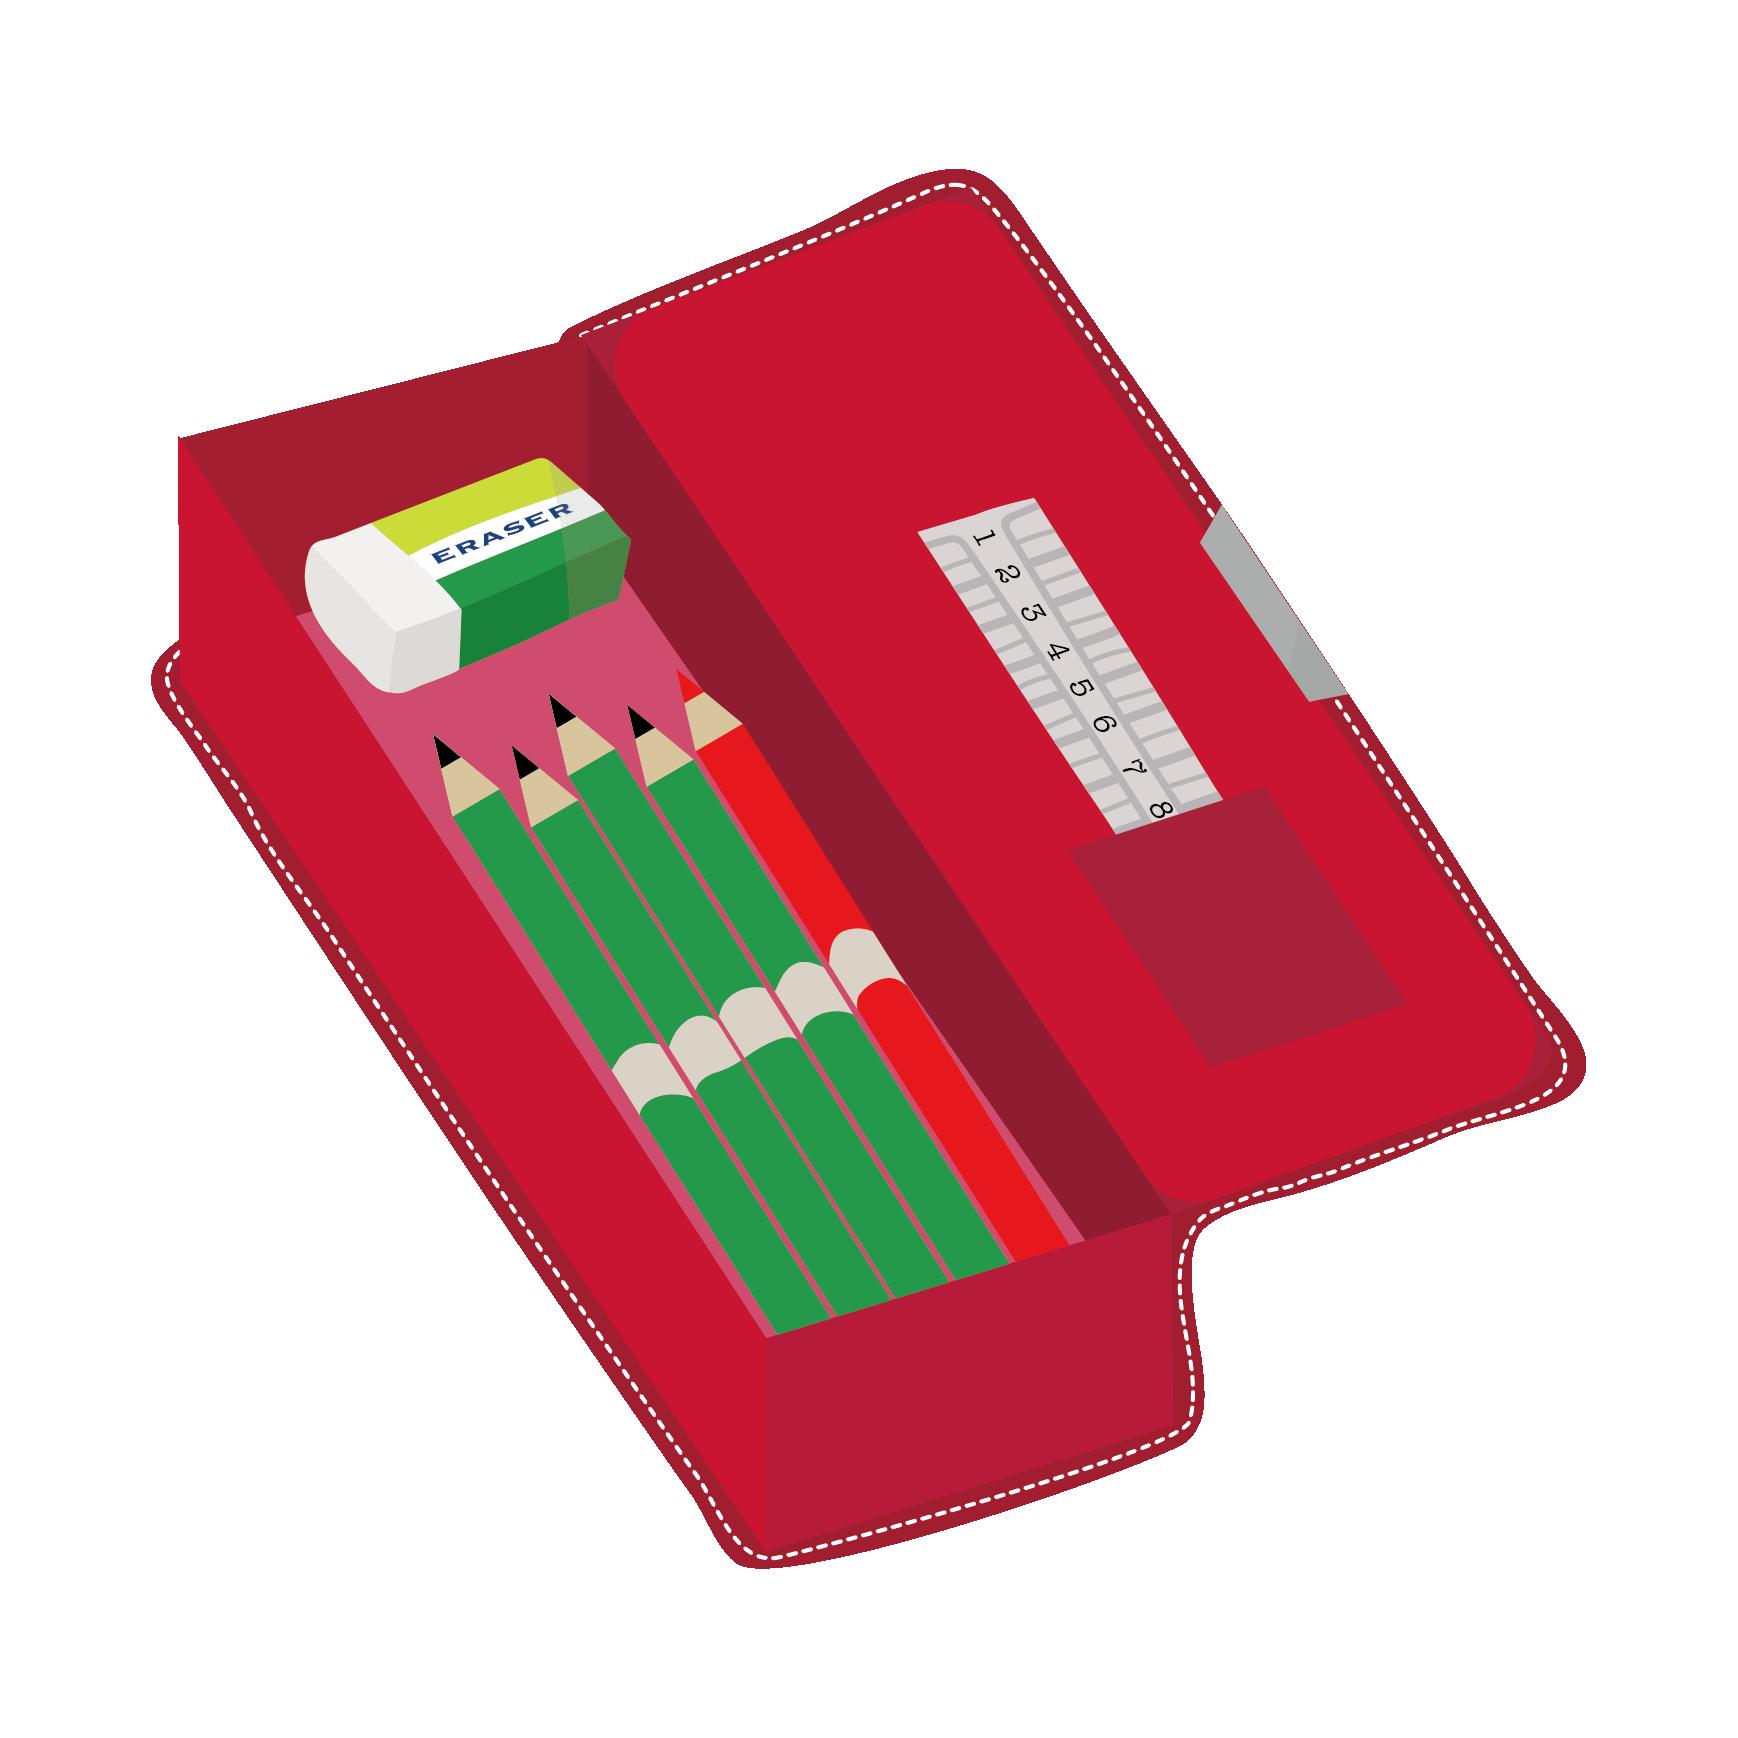 赤の 筆箱ペンケースと鉛筆と消しゴムと赤鉛筆 の フリー イラスト